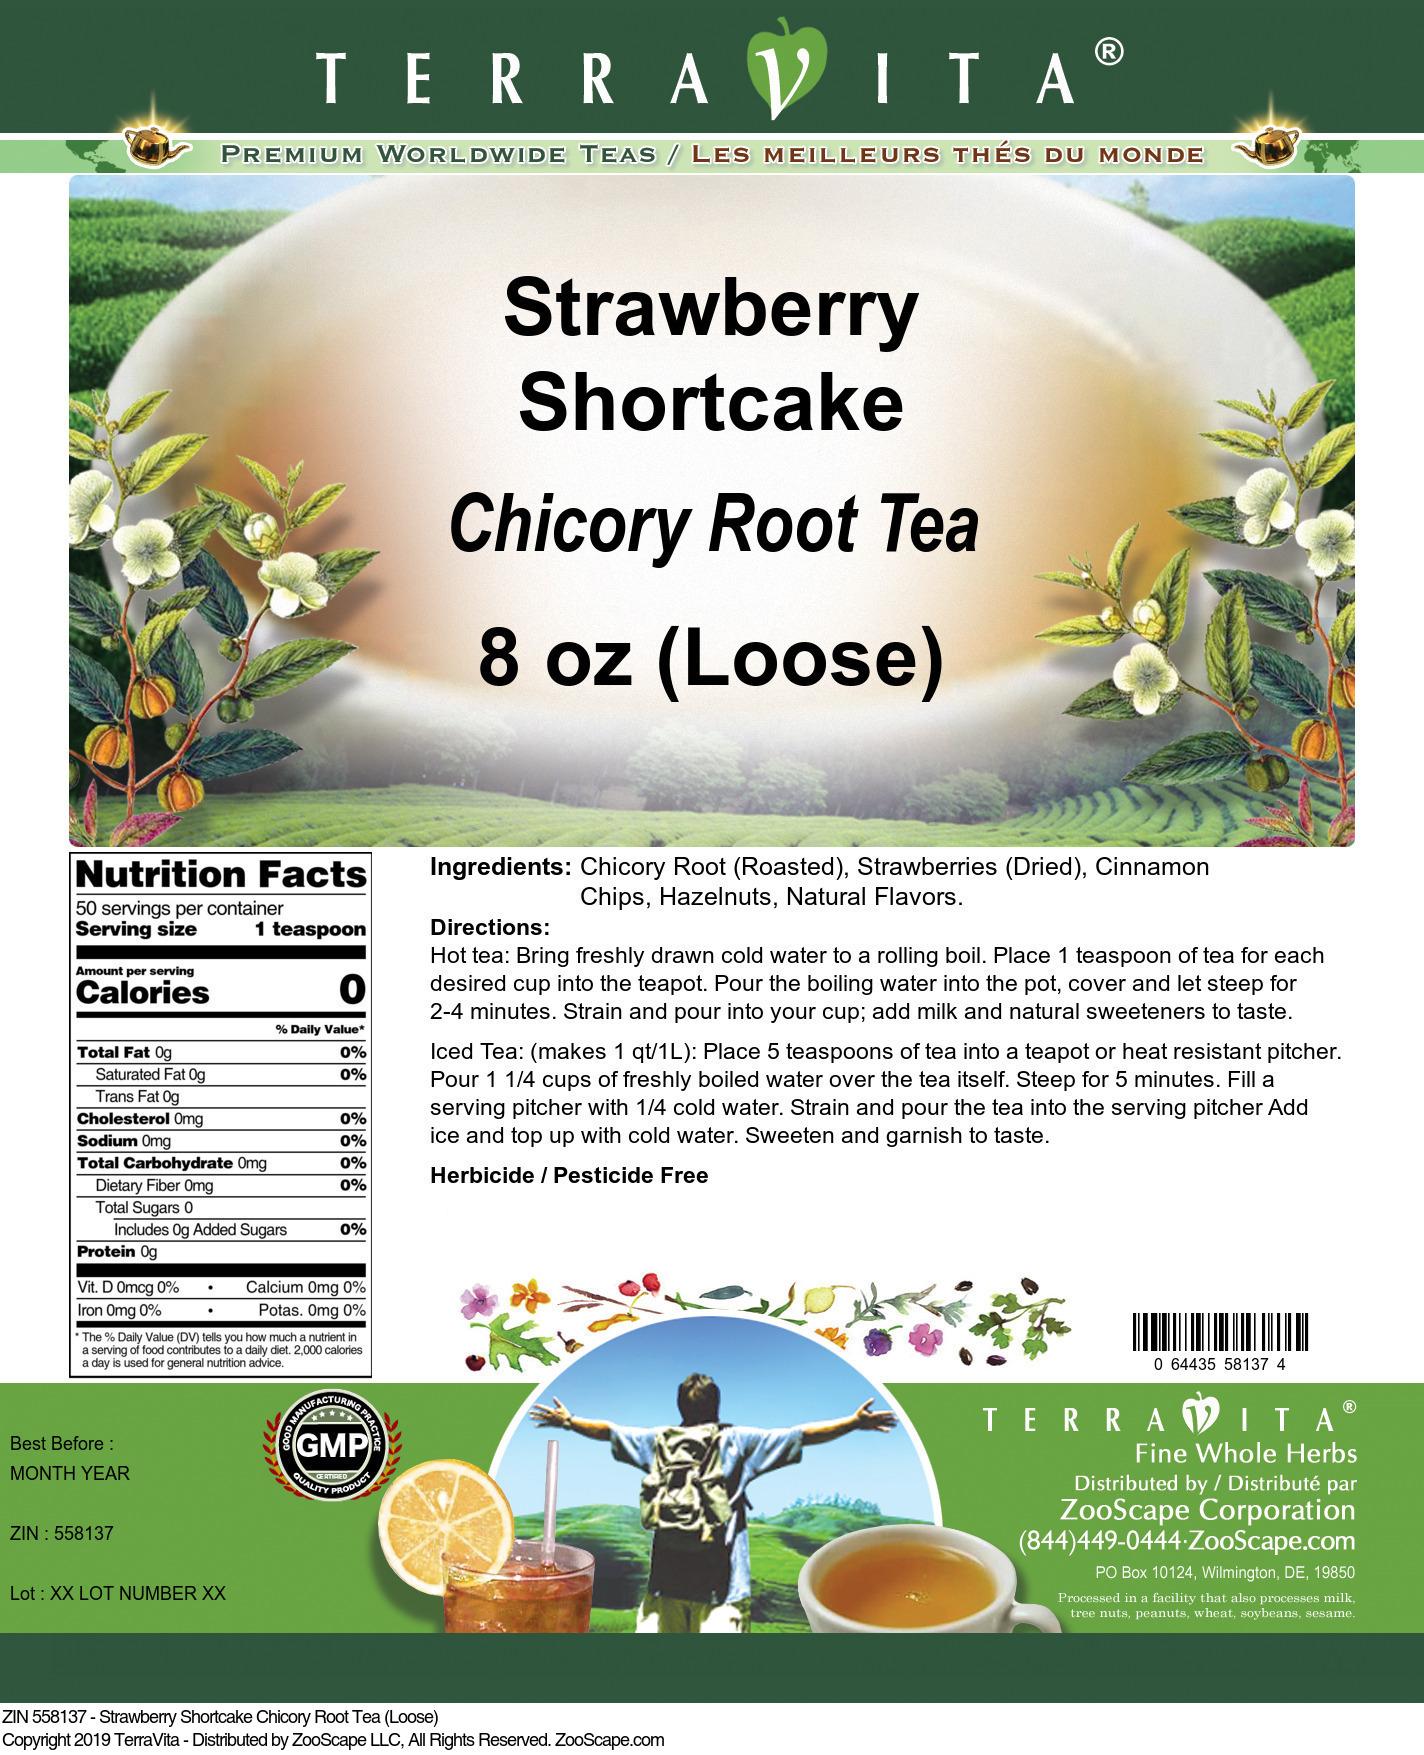 Strawberry Shortcake Chicory Root